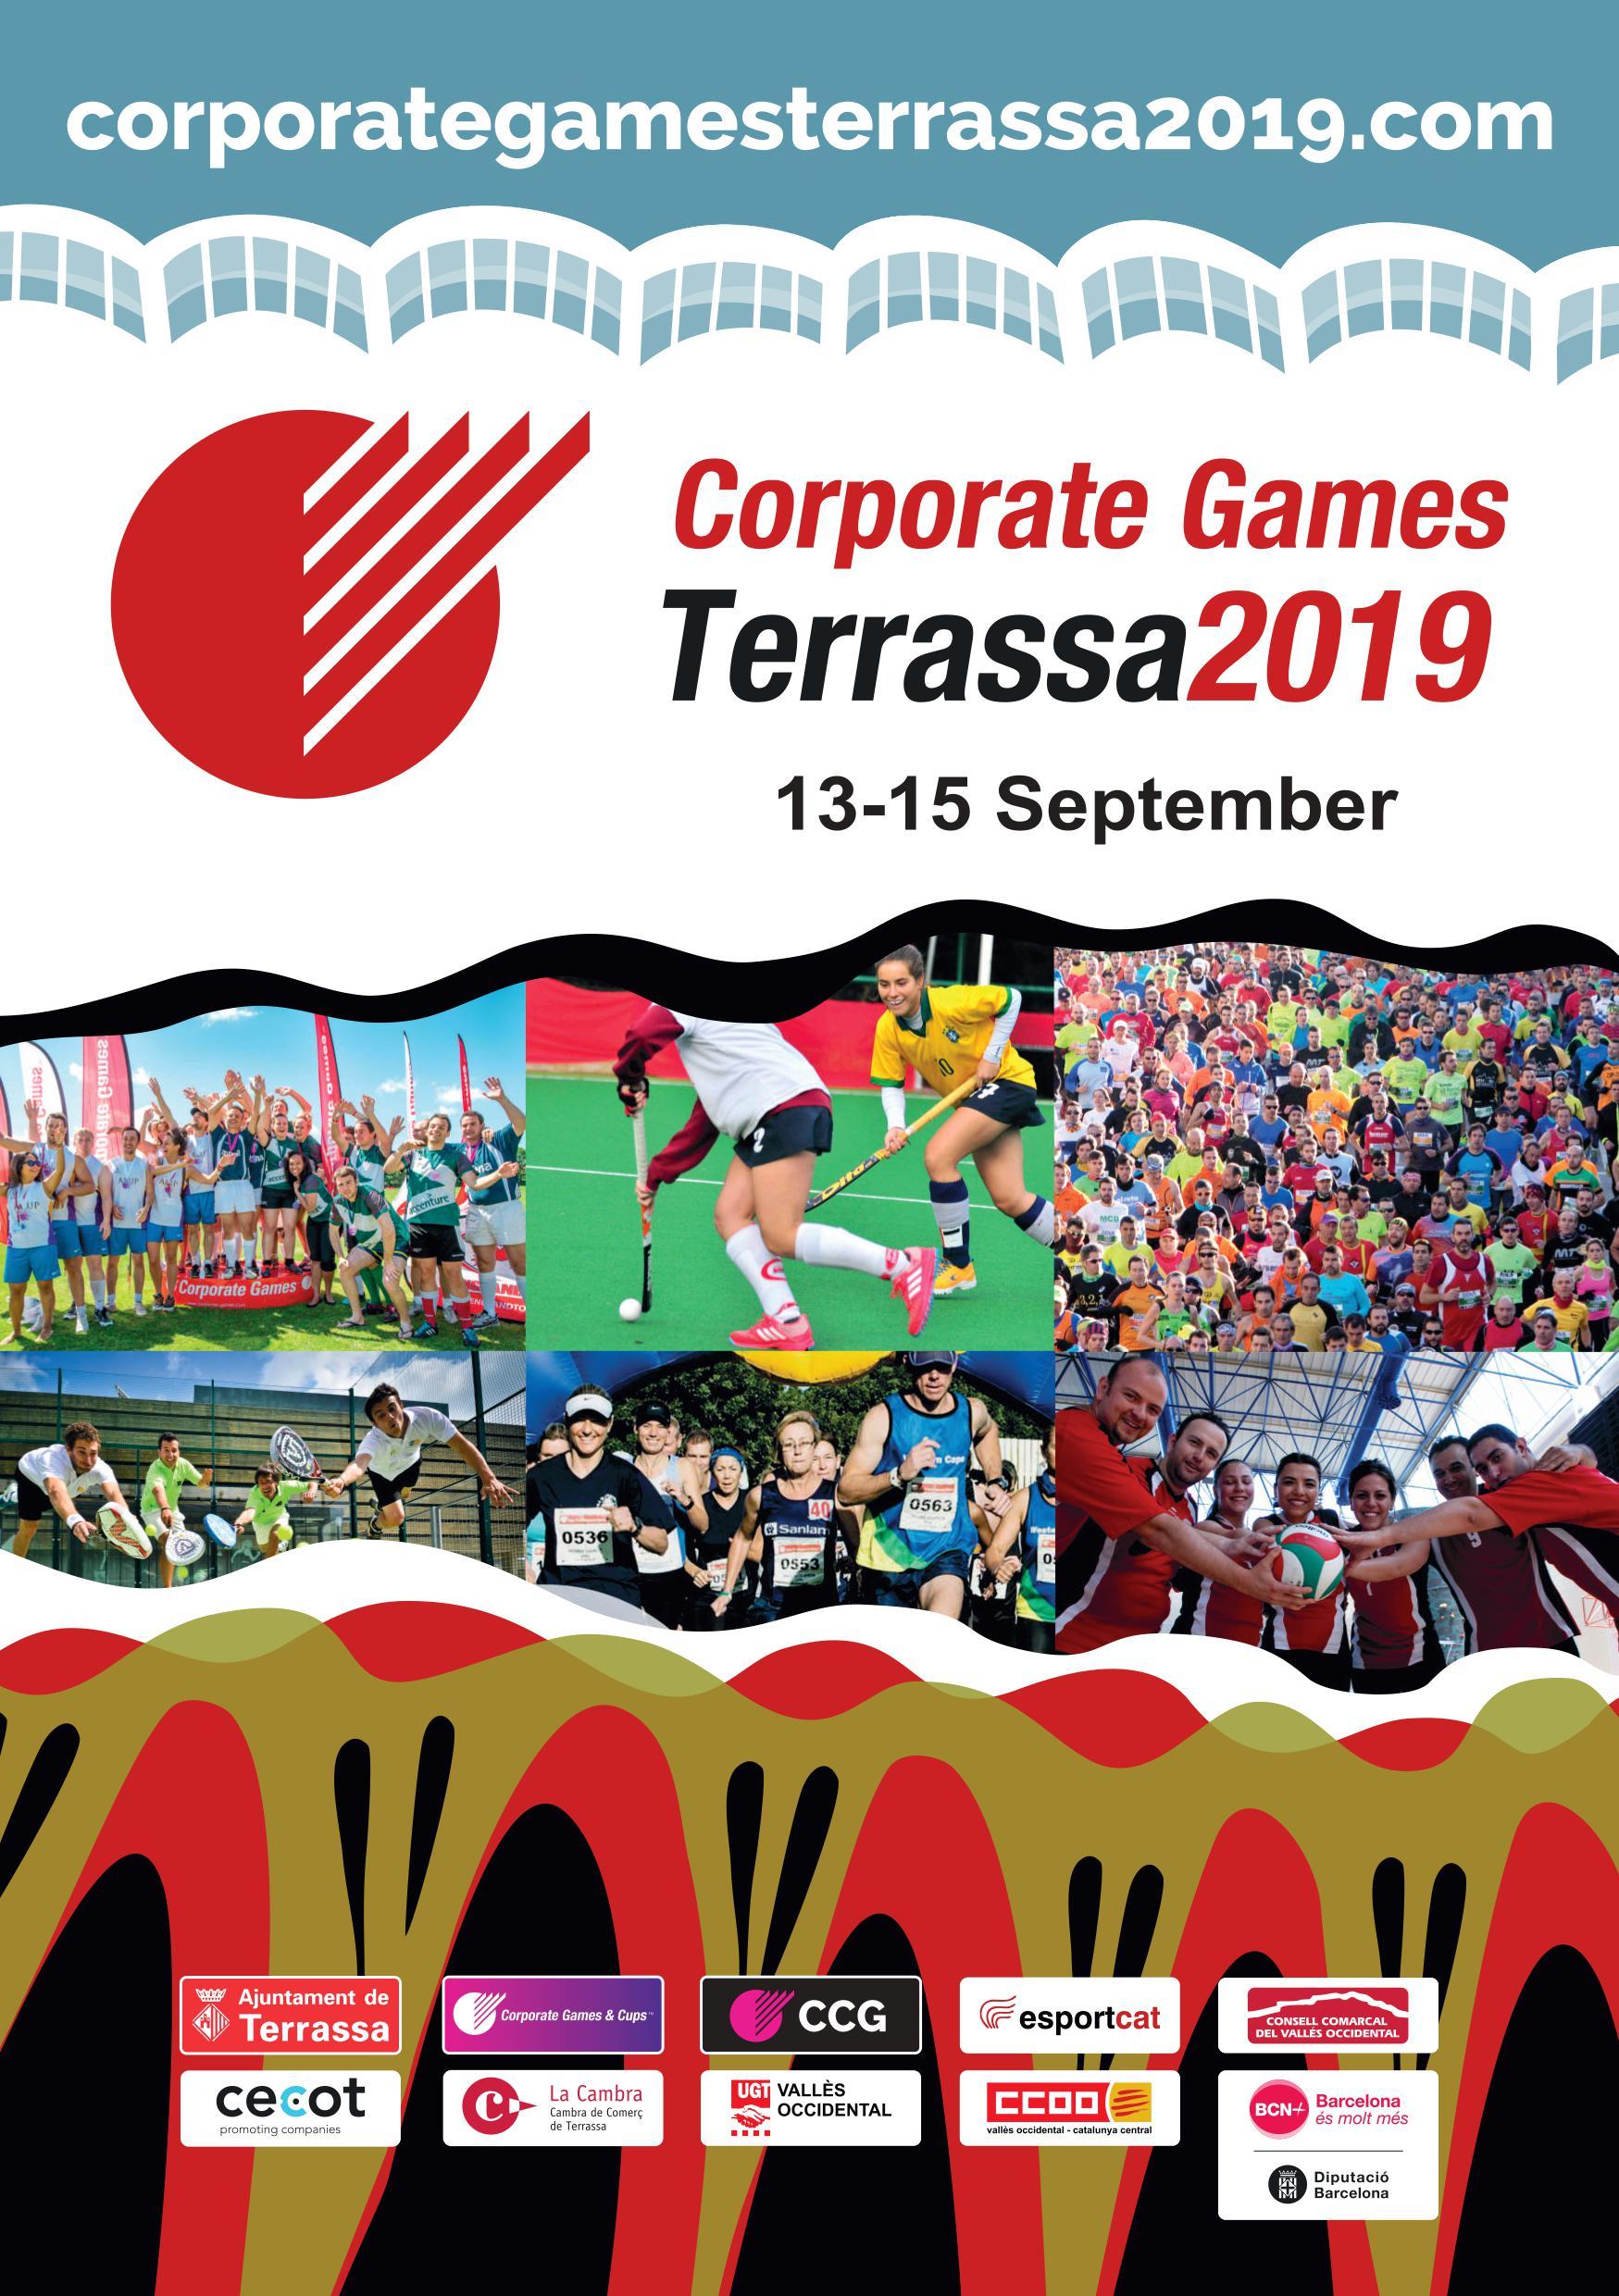 Estamp Corporate Games Terrassa